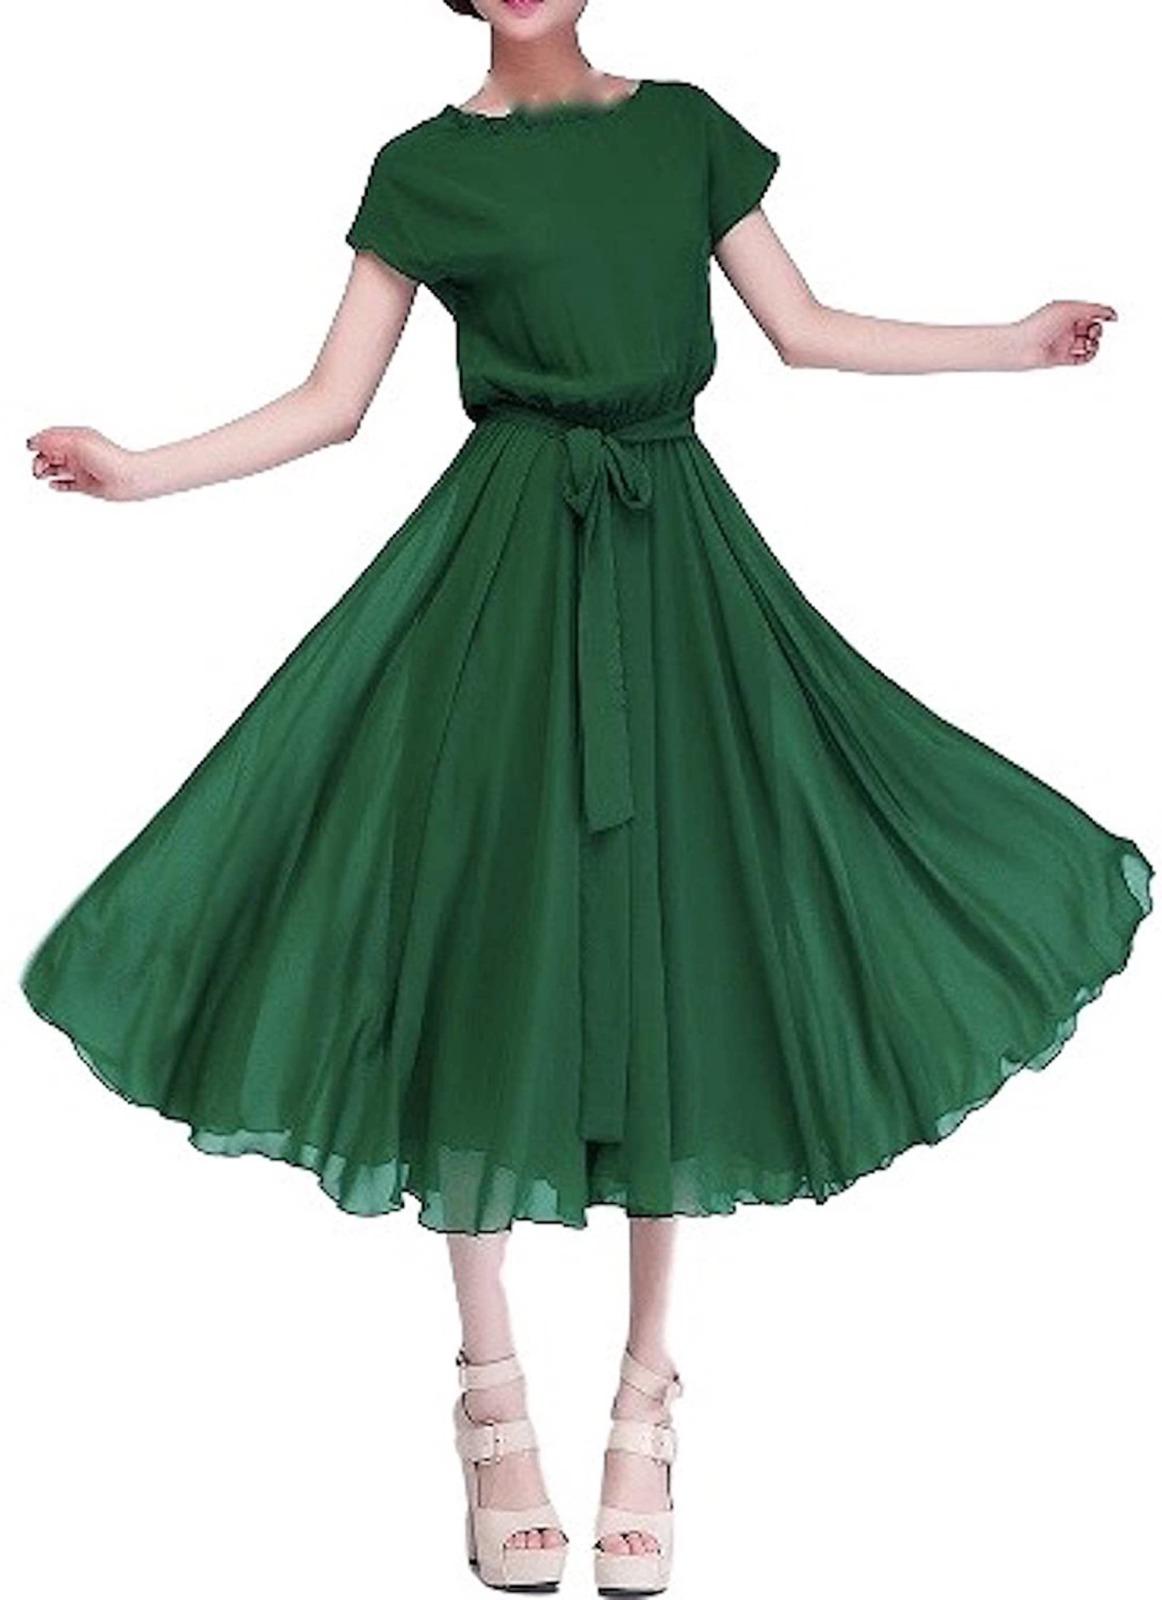 レディース ファッション ワンピース パール・シフォン ロング ドレス・グリーン・2XL